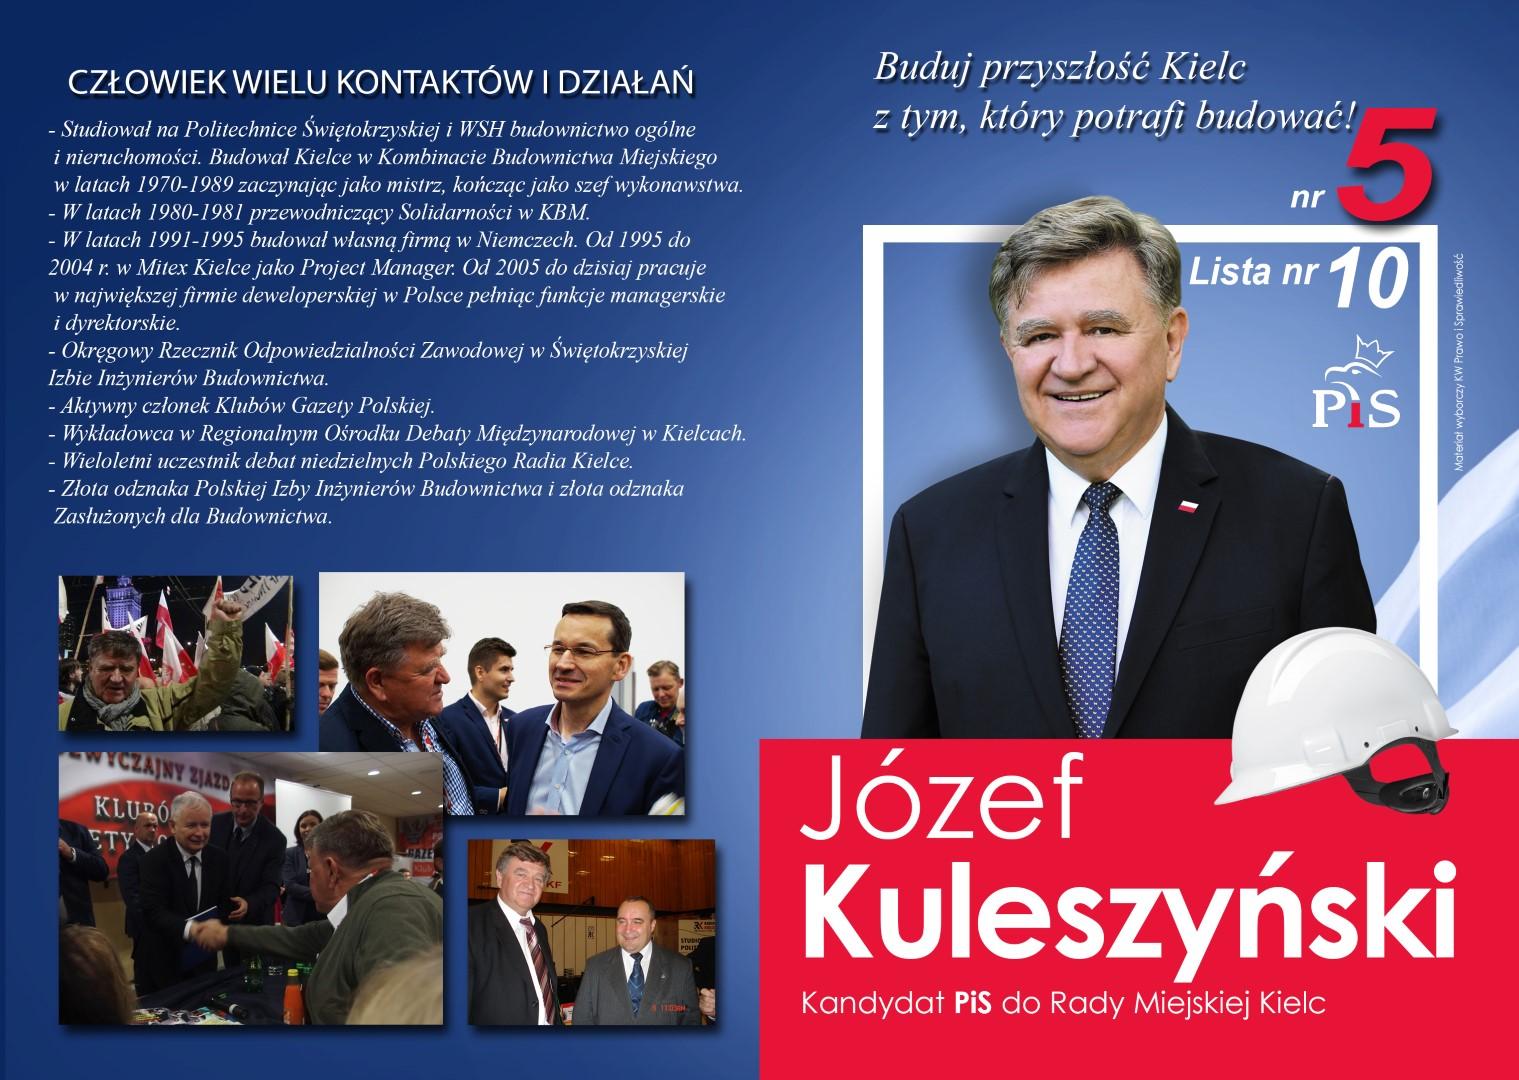 Kielce Kuleszynski WS2018